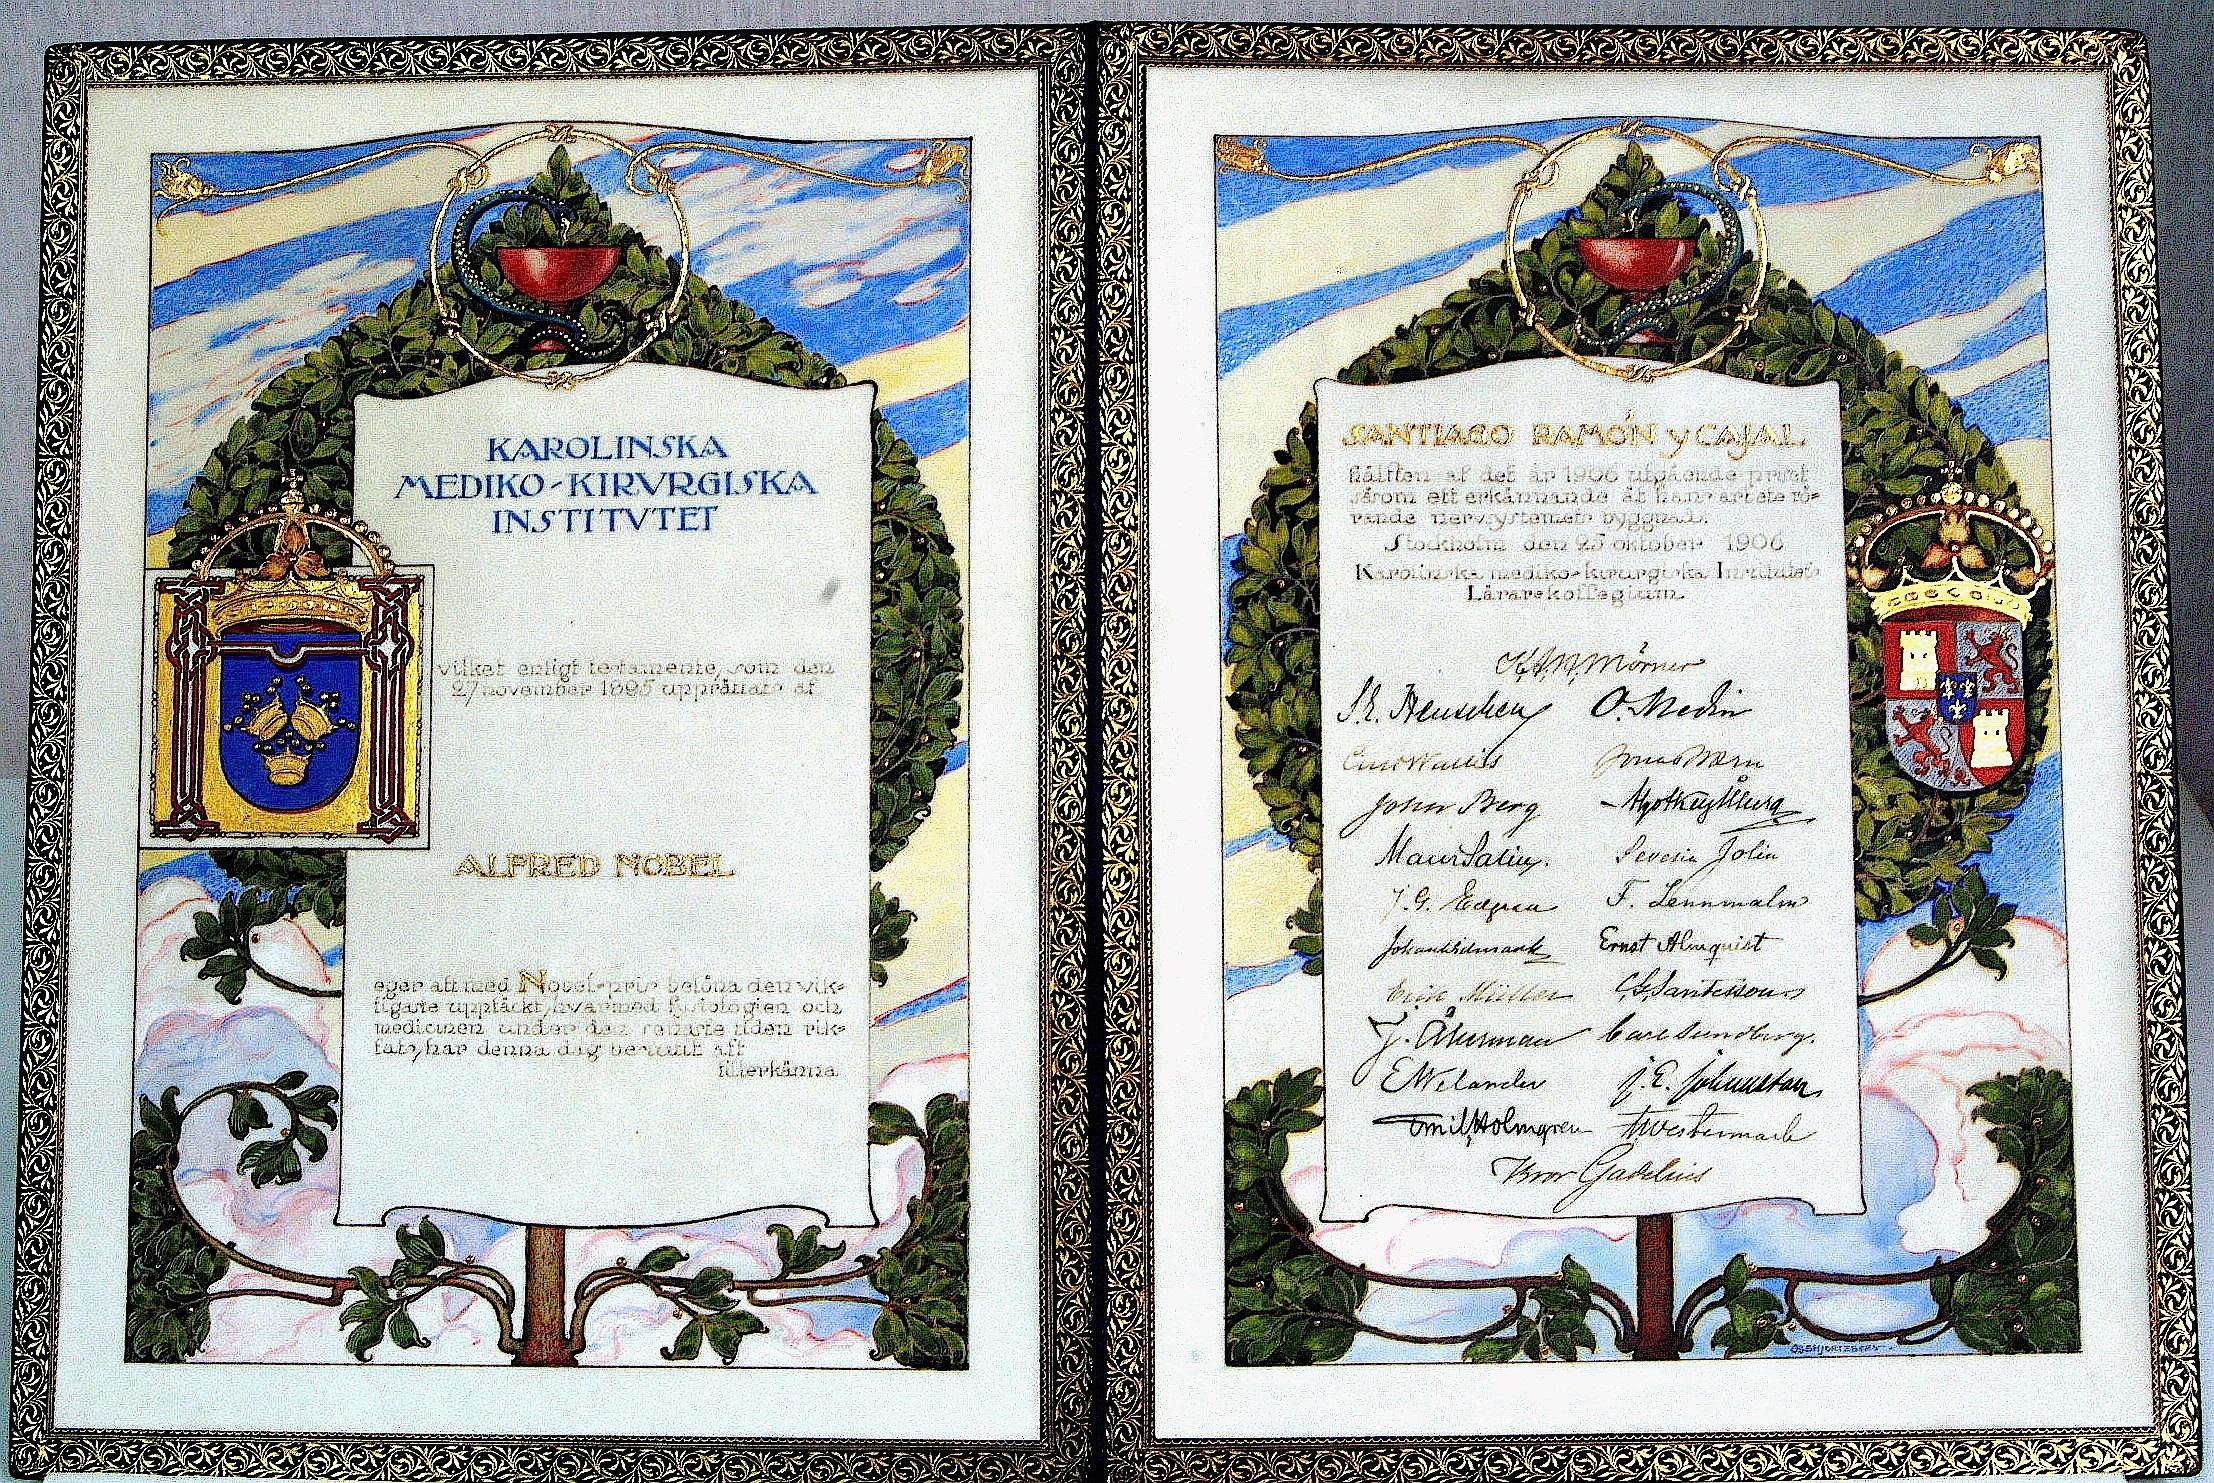 Diploma del Premio Nobel concedido a Santiago Ramón y Cajal, 1906.